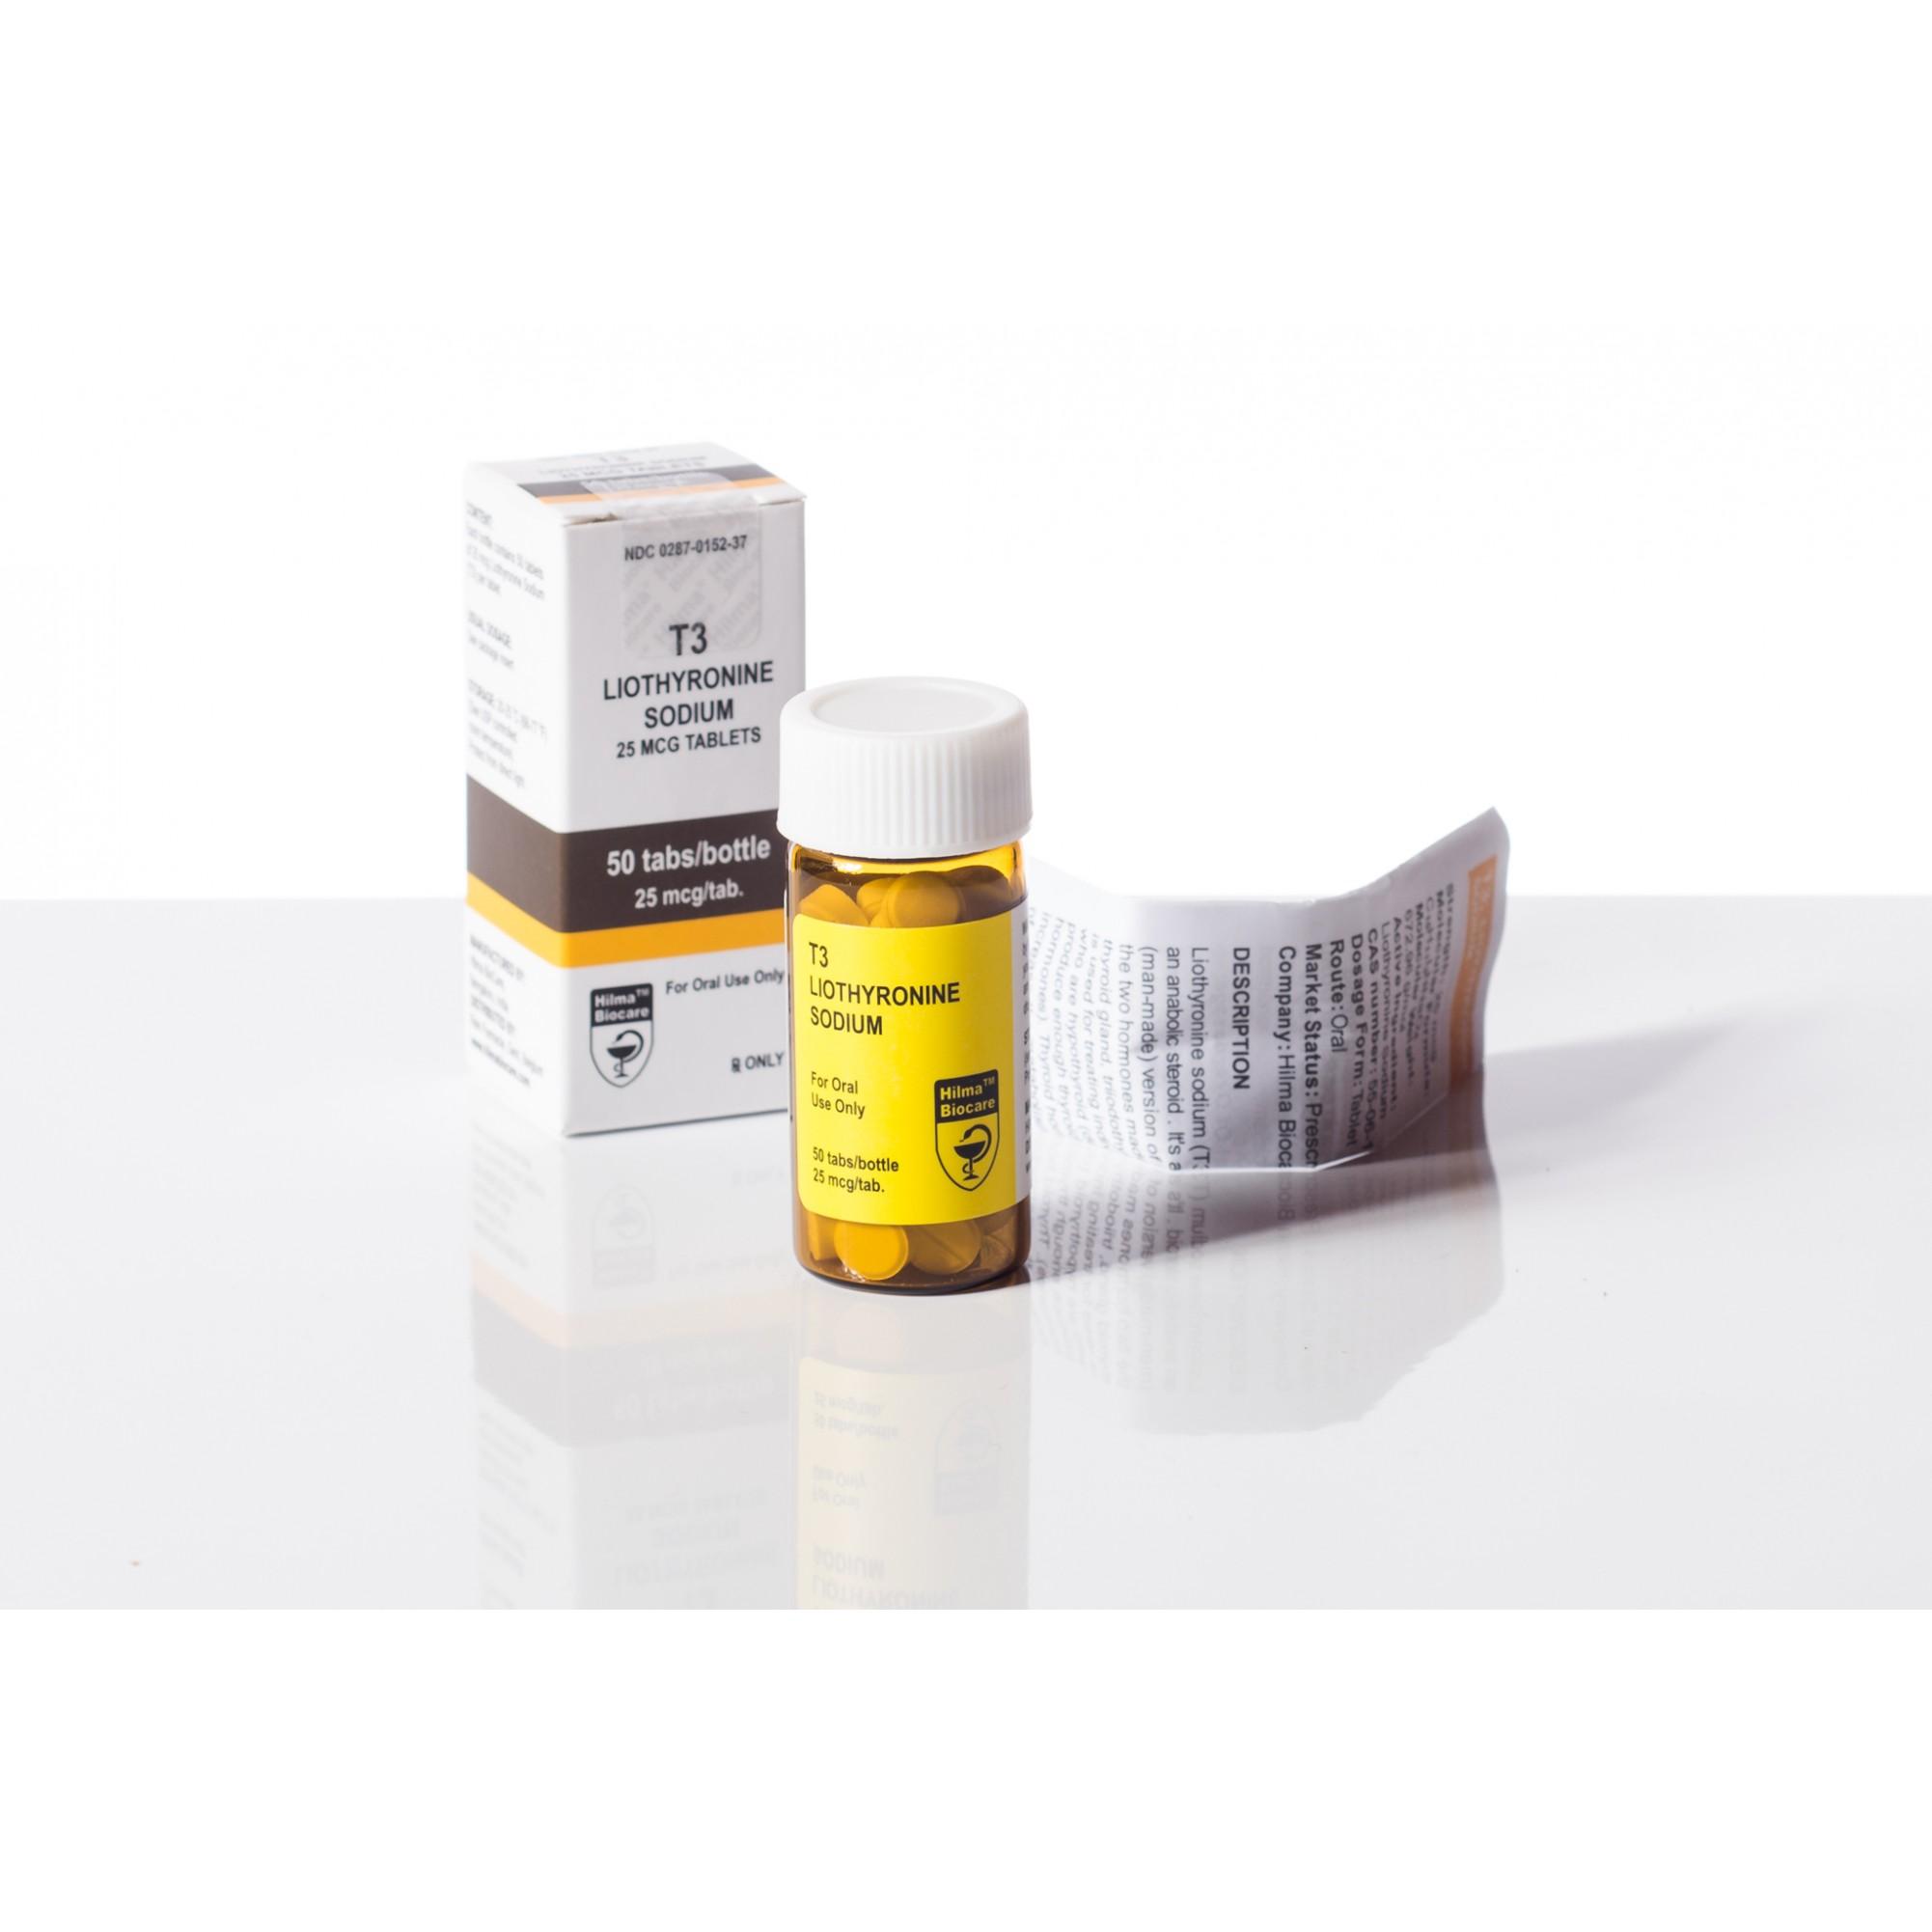 Hilma Biocare T3 Liothyronine Sodium 25 Mcg 50 Tabs Pack